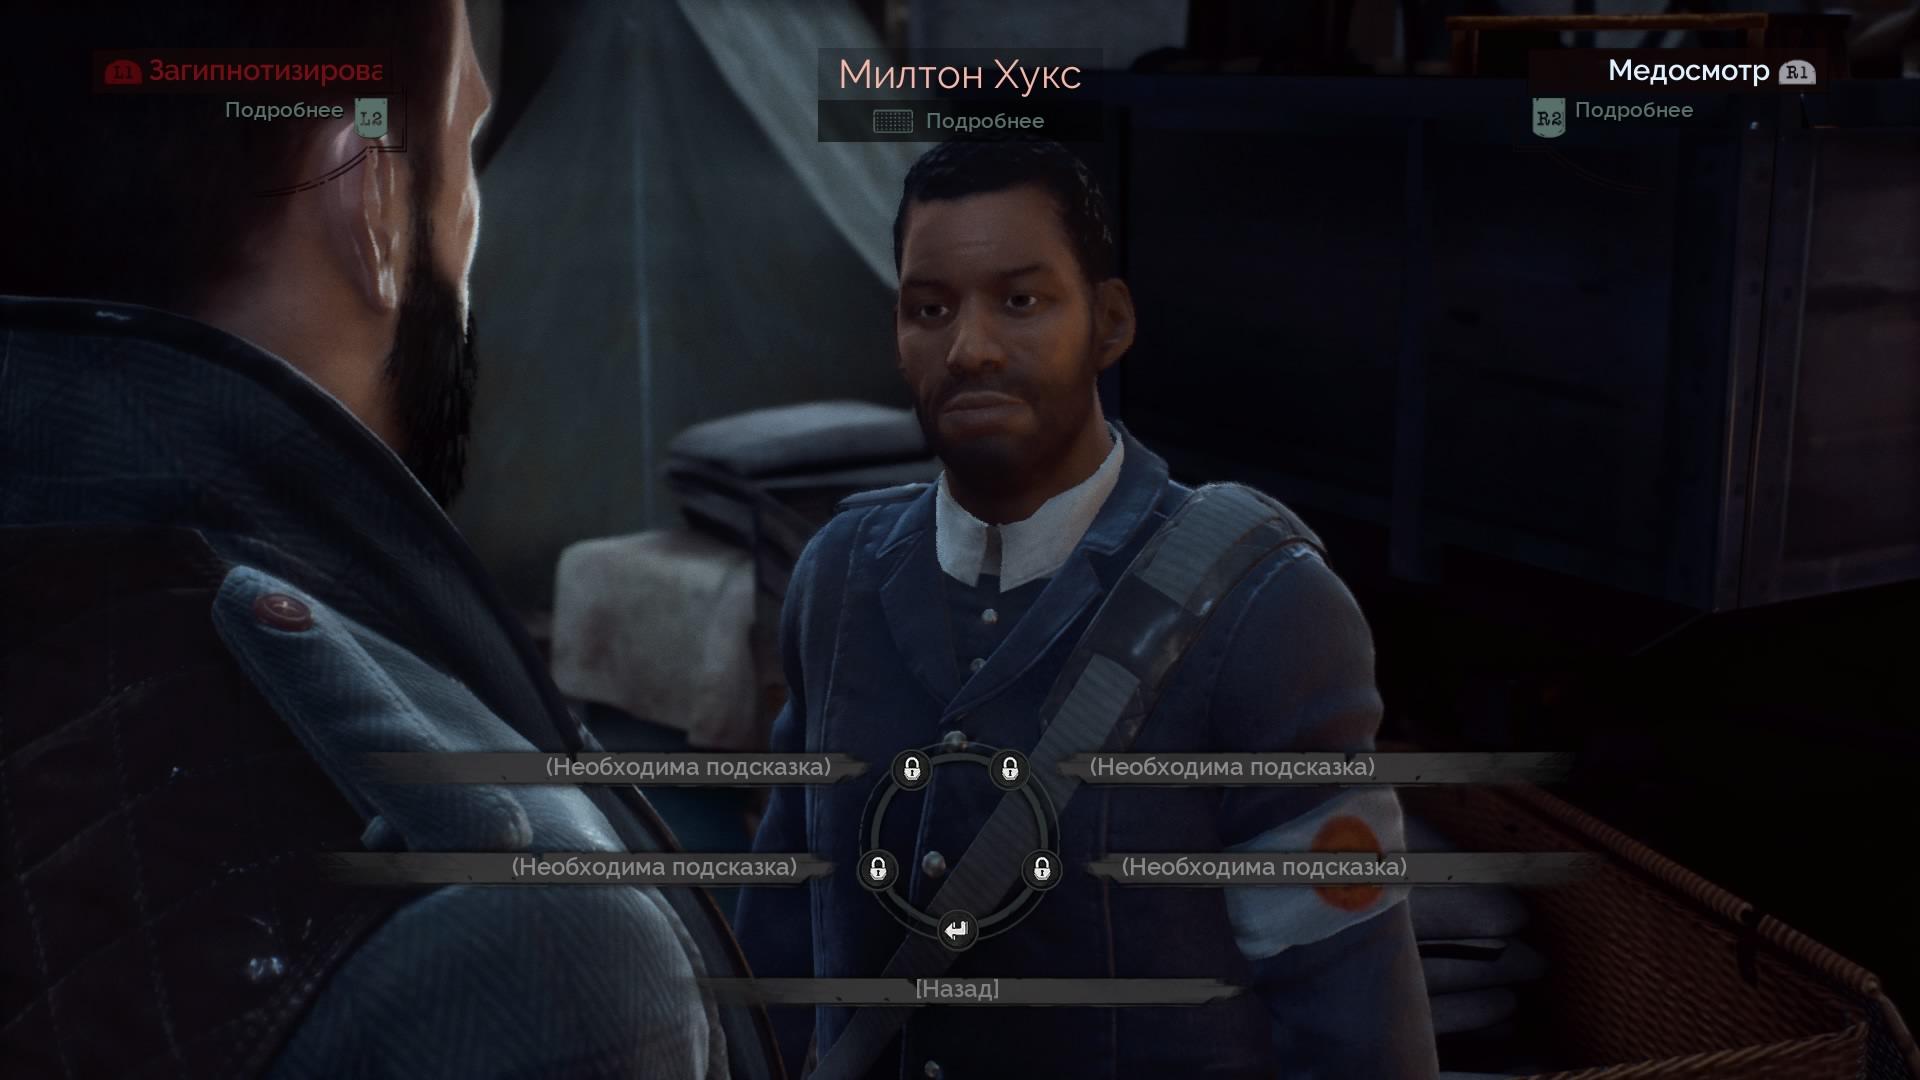 Чтобы открыть дополнительные реплики и вывести персонажа на «чистую воду», нужно пообщаться с его ближайшим окружением.